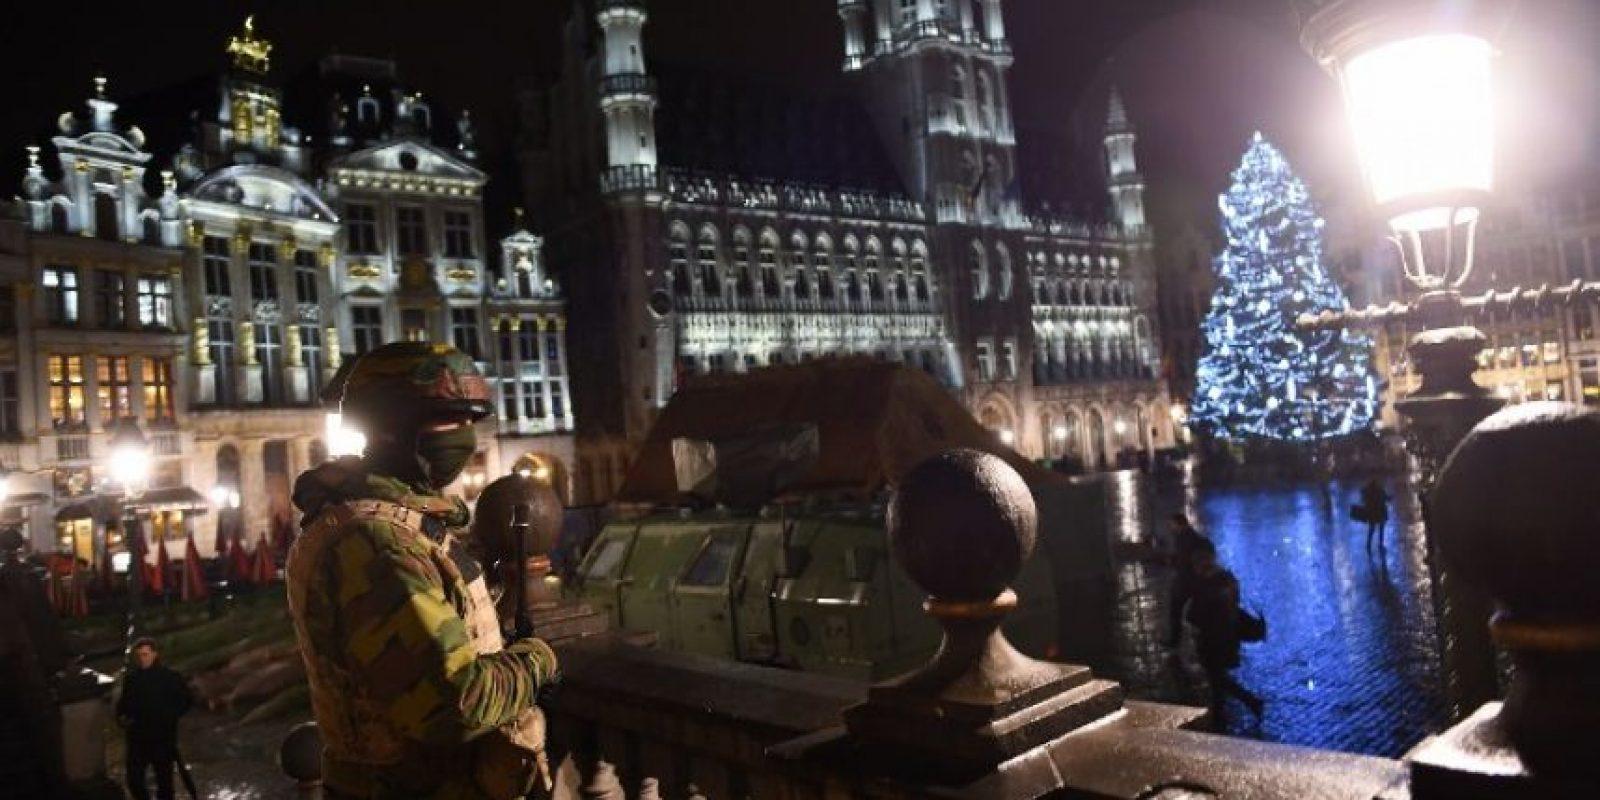 Y ahora se lanzó un operativo antiterrorista en el hotel Radisson Blue. Foto:AFP